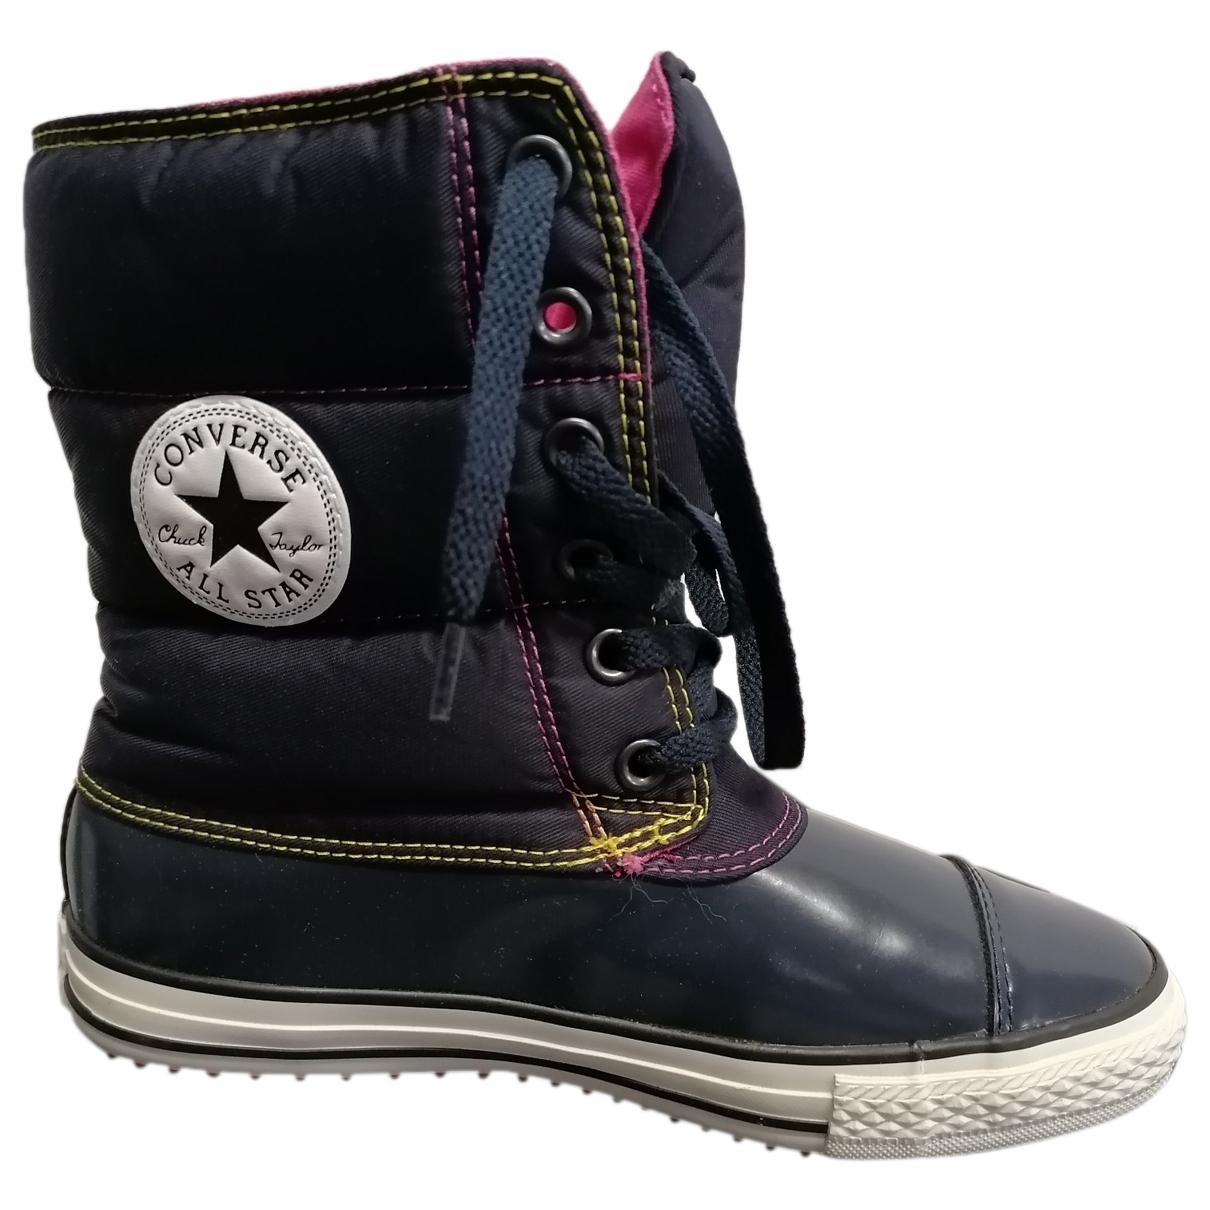 Converse - Boots   pour femme - bleu